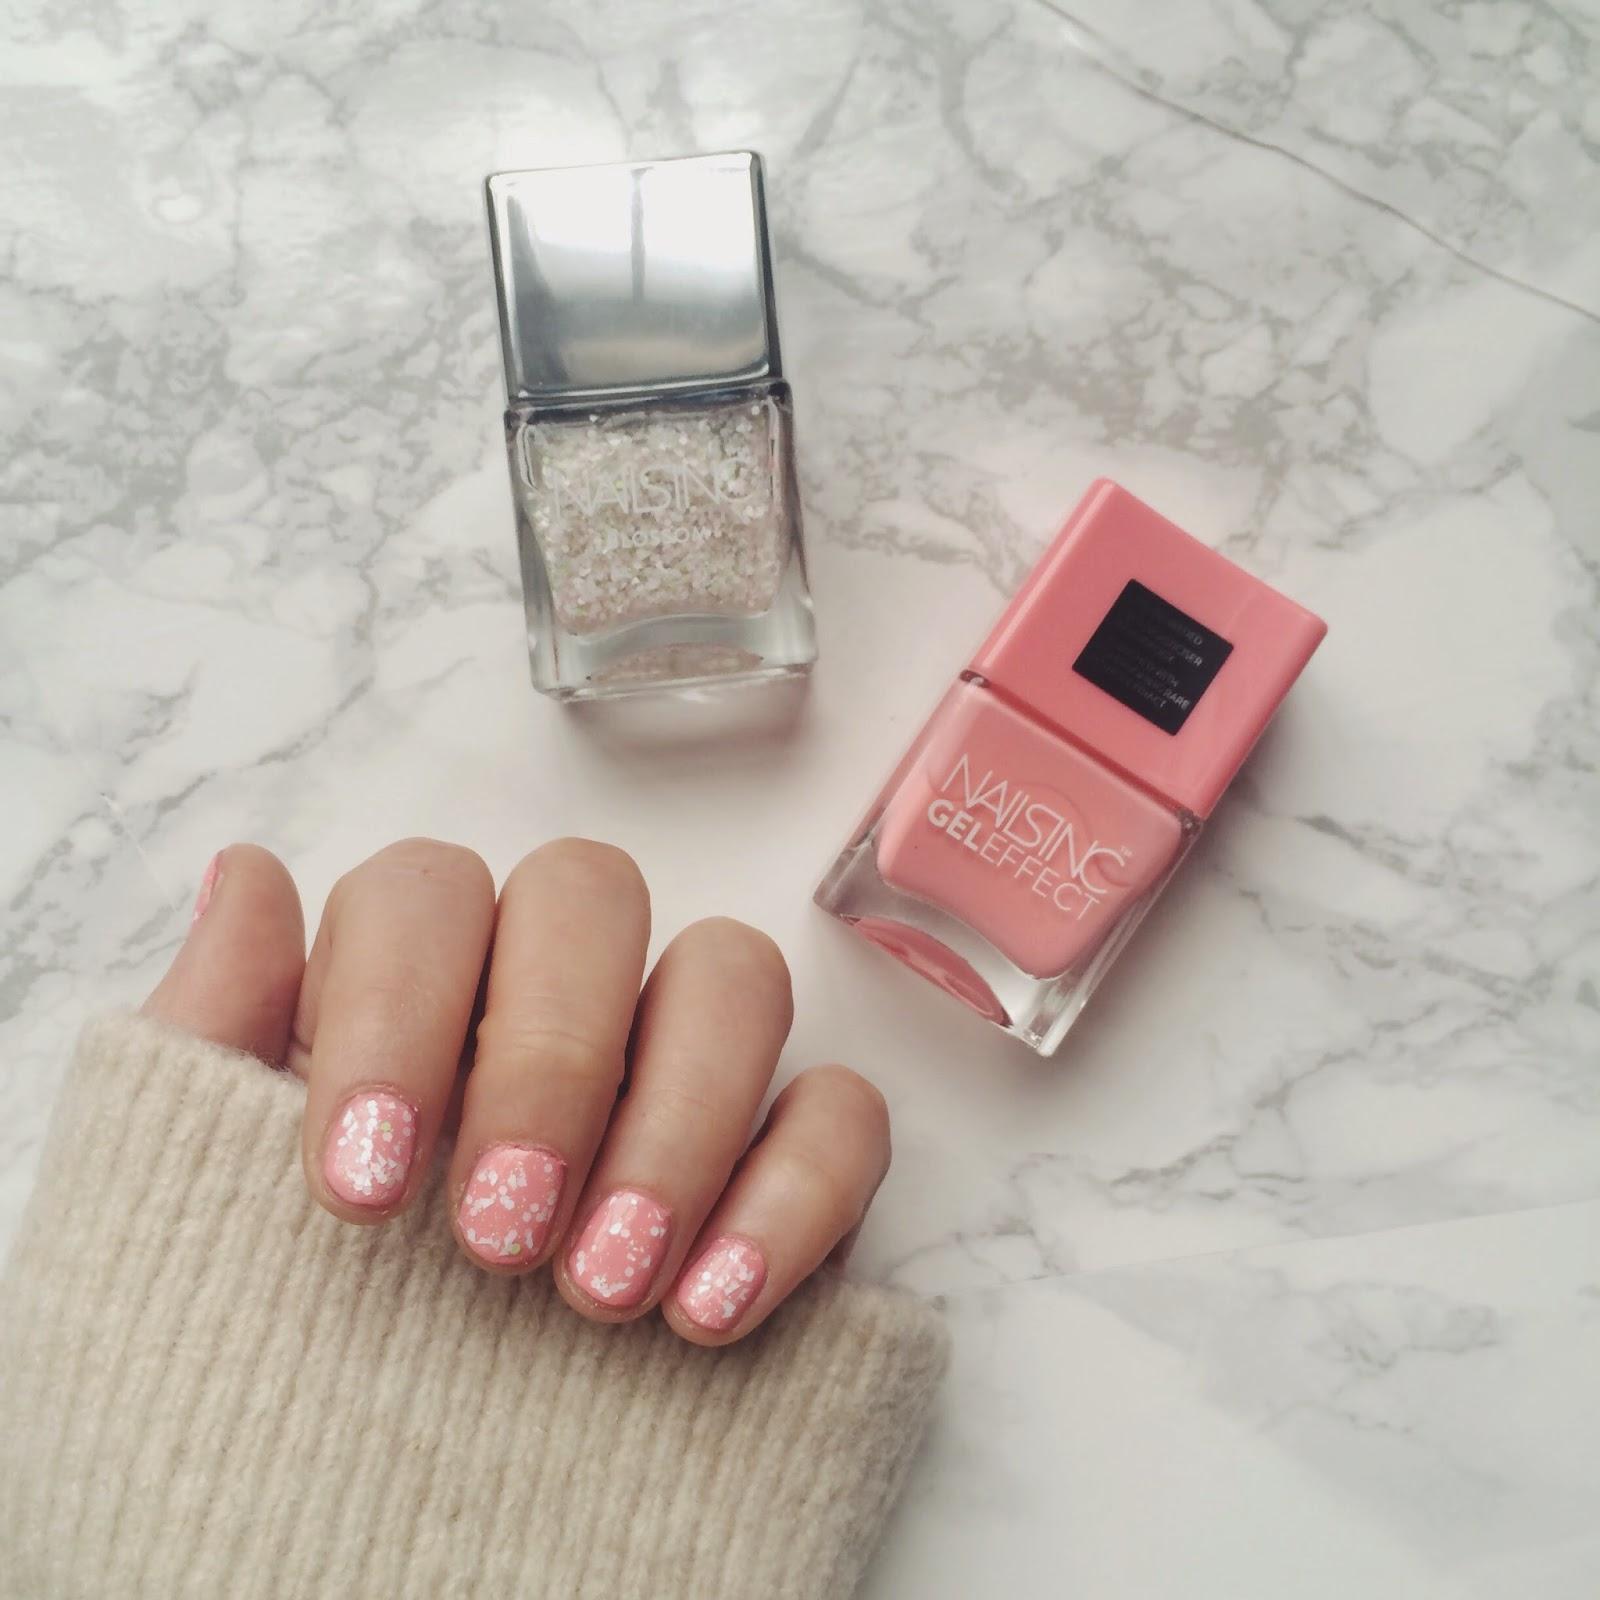 nails inc nail polish review, nails inc blossom collection, nail polish swap, nail polish review, pink nail polish, beauty blogger, fashion blogger